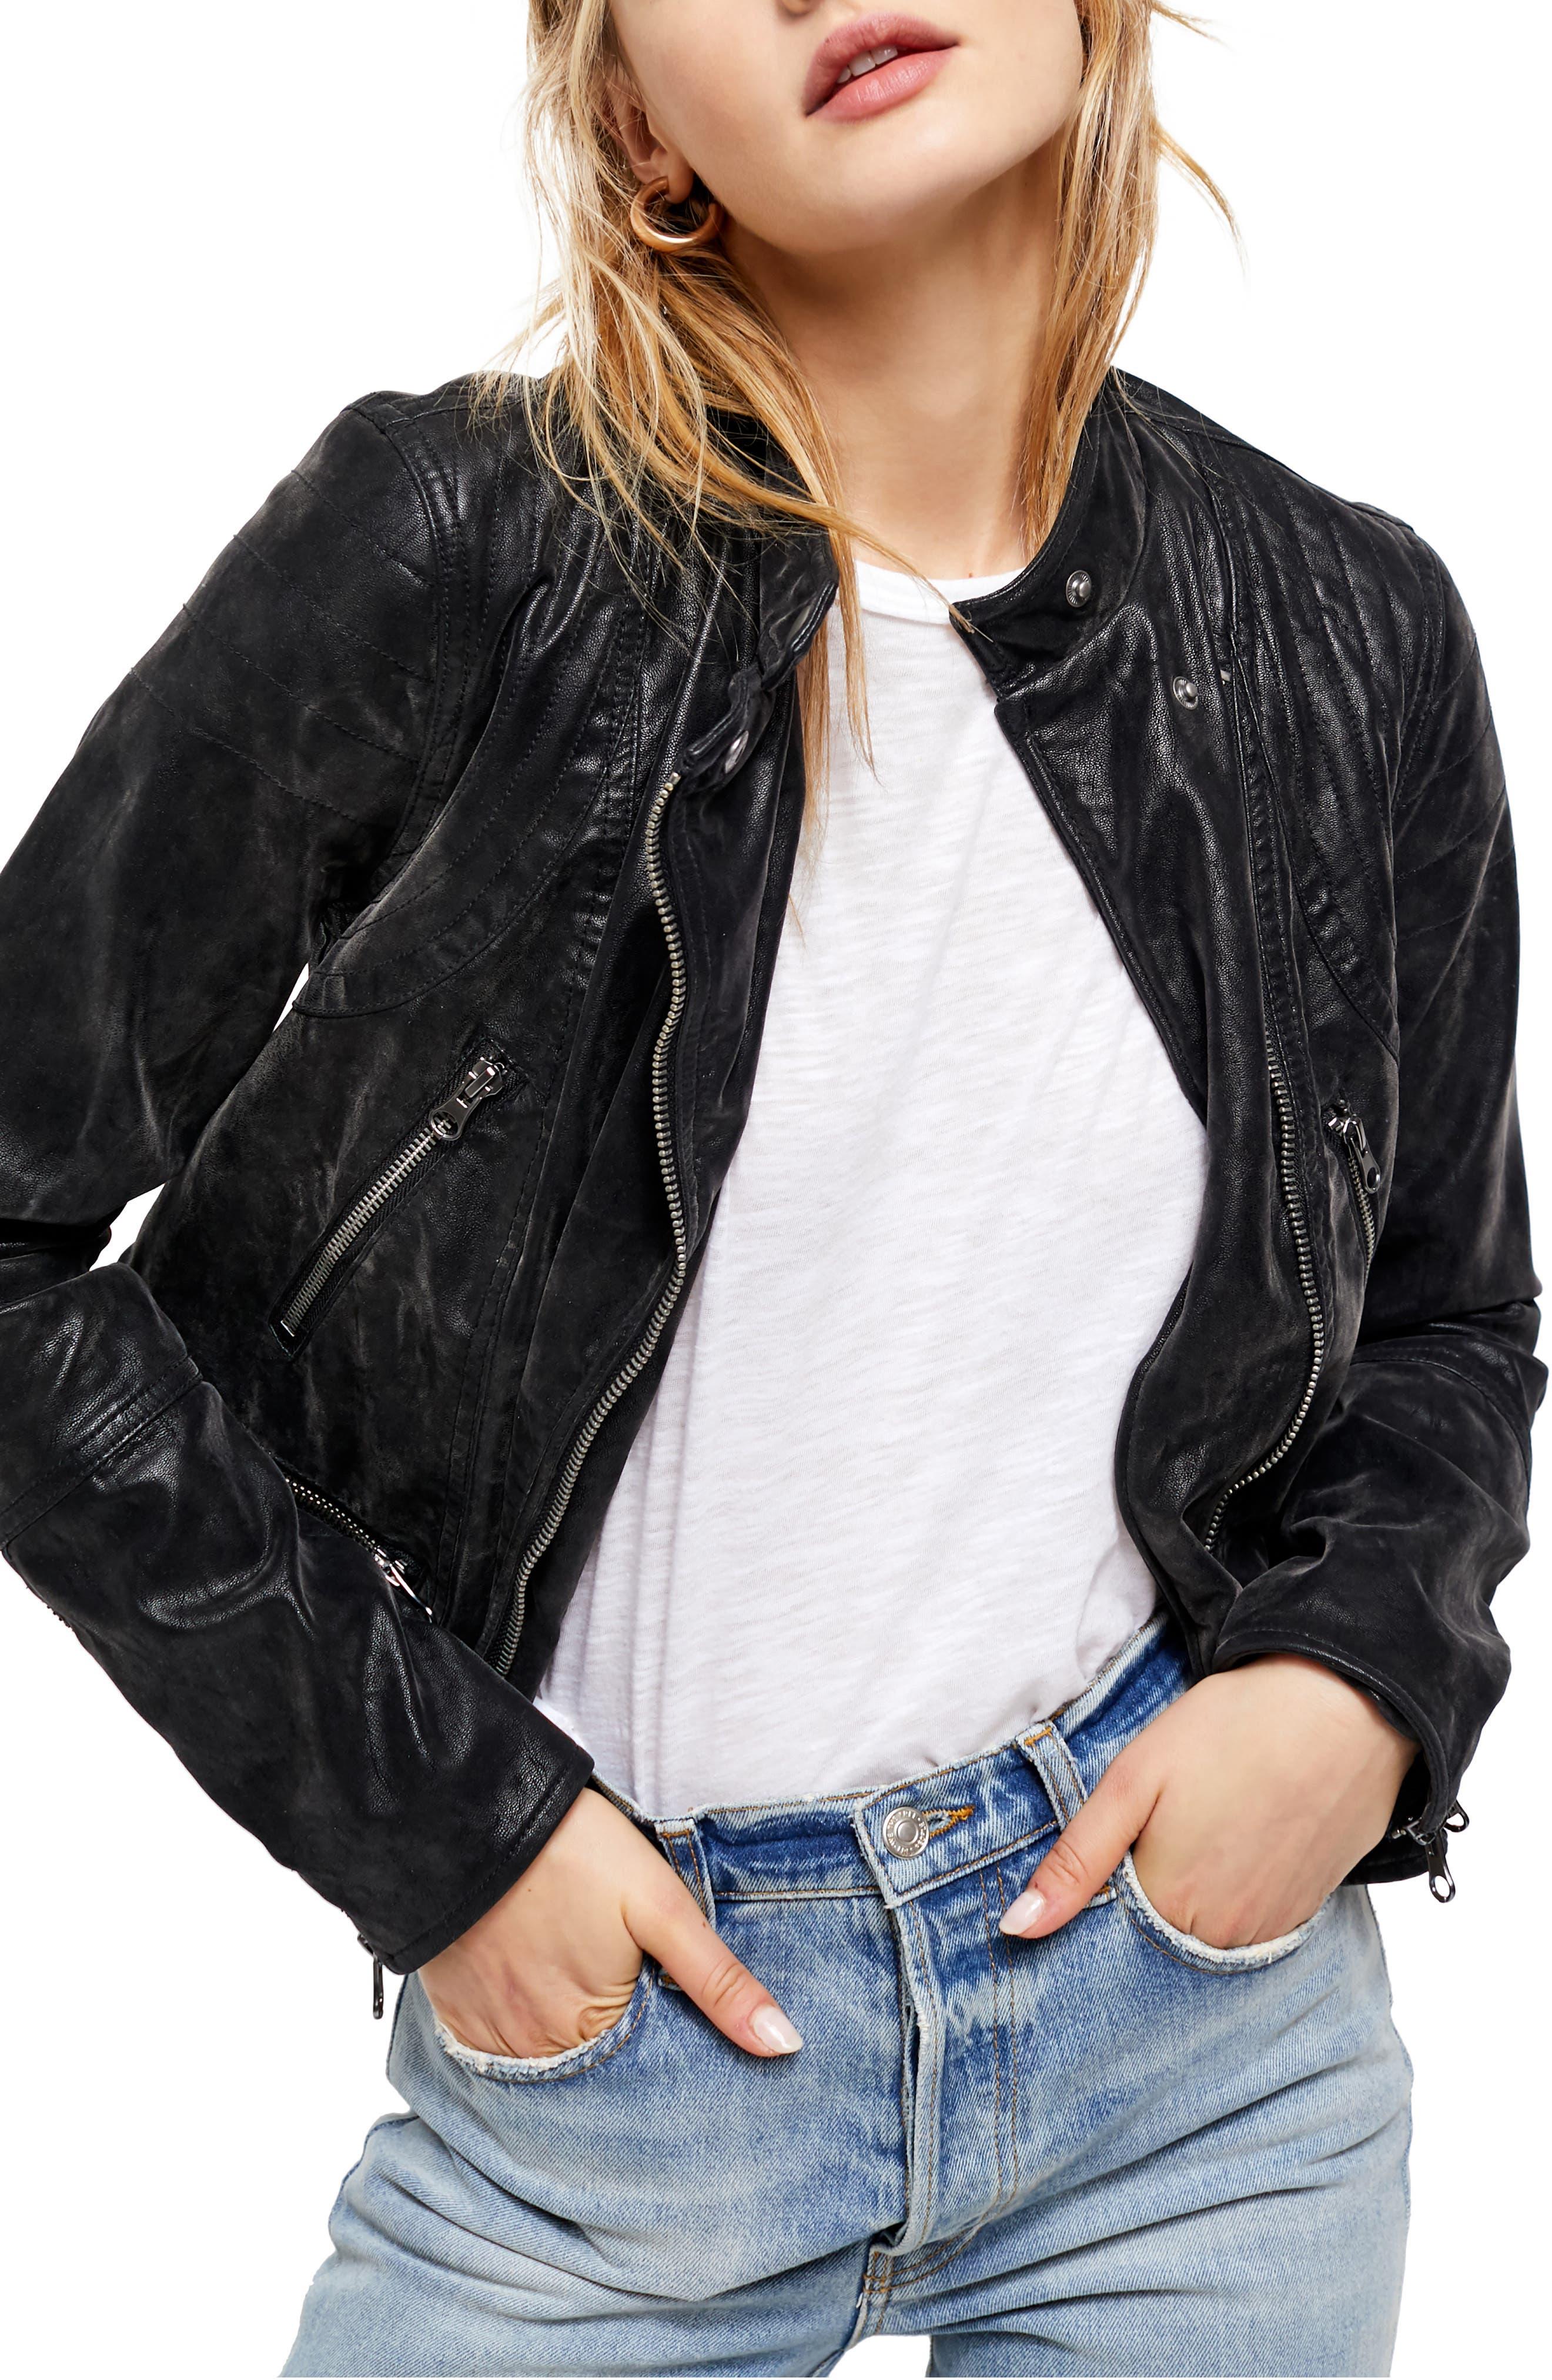 Free People Fenix Faux Leather Moto Jacket